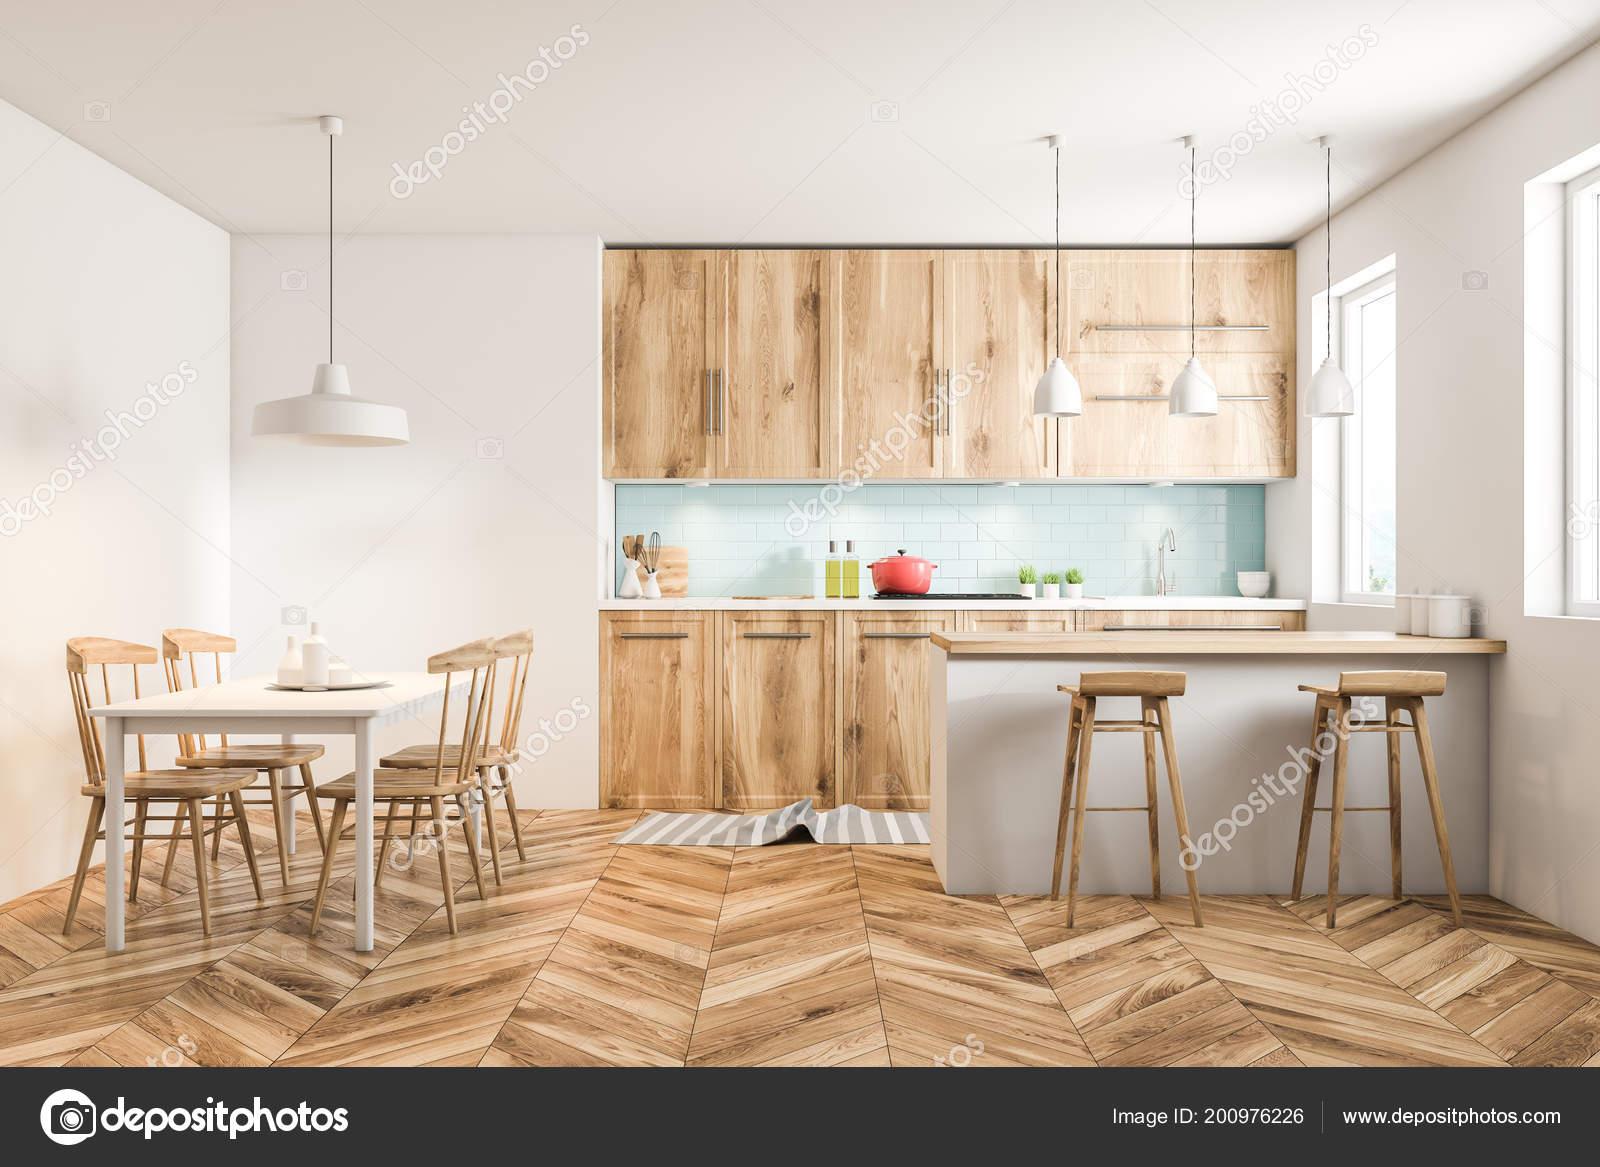 Keuken Interieur Scandinavisch : Witte scandinavische stijl keuken interieur met blauw betegelde